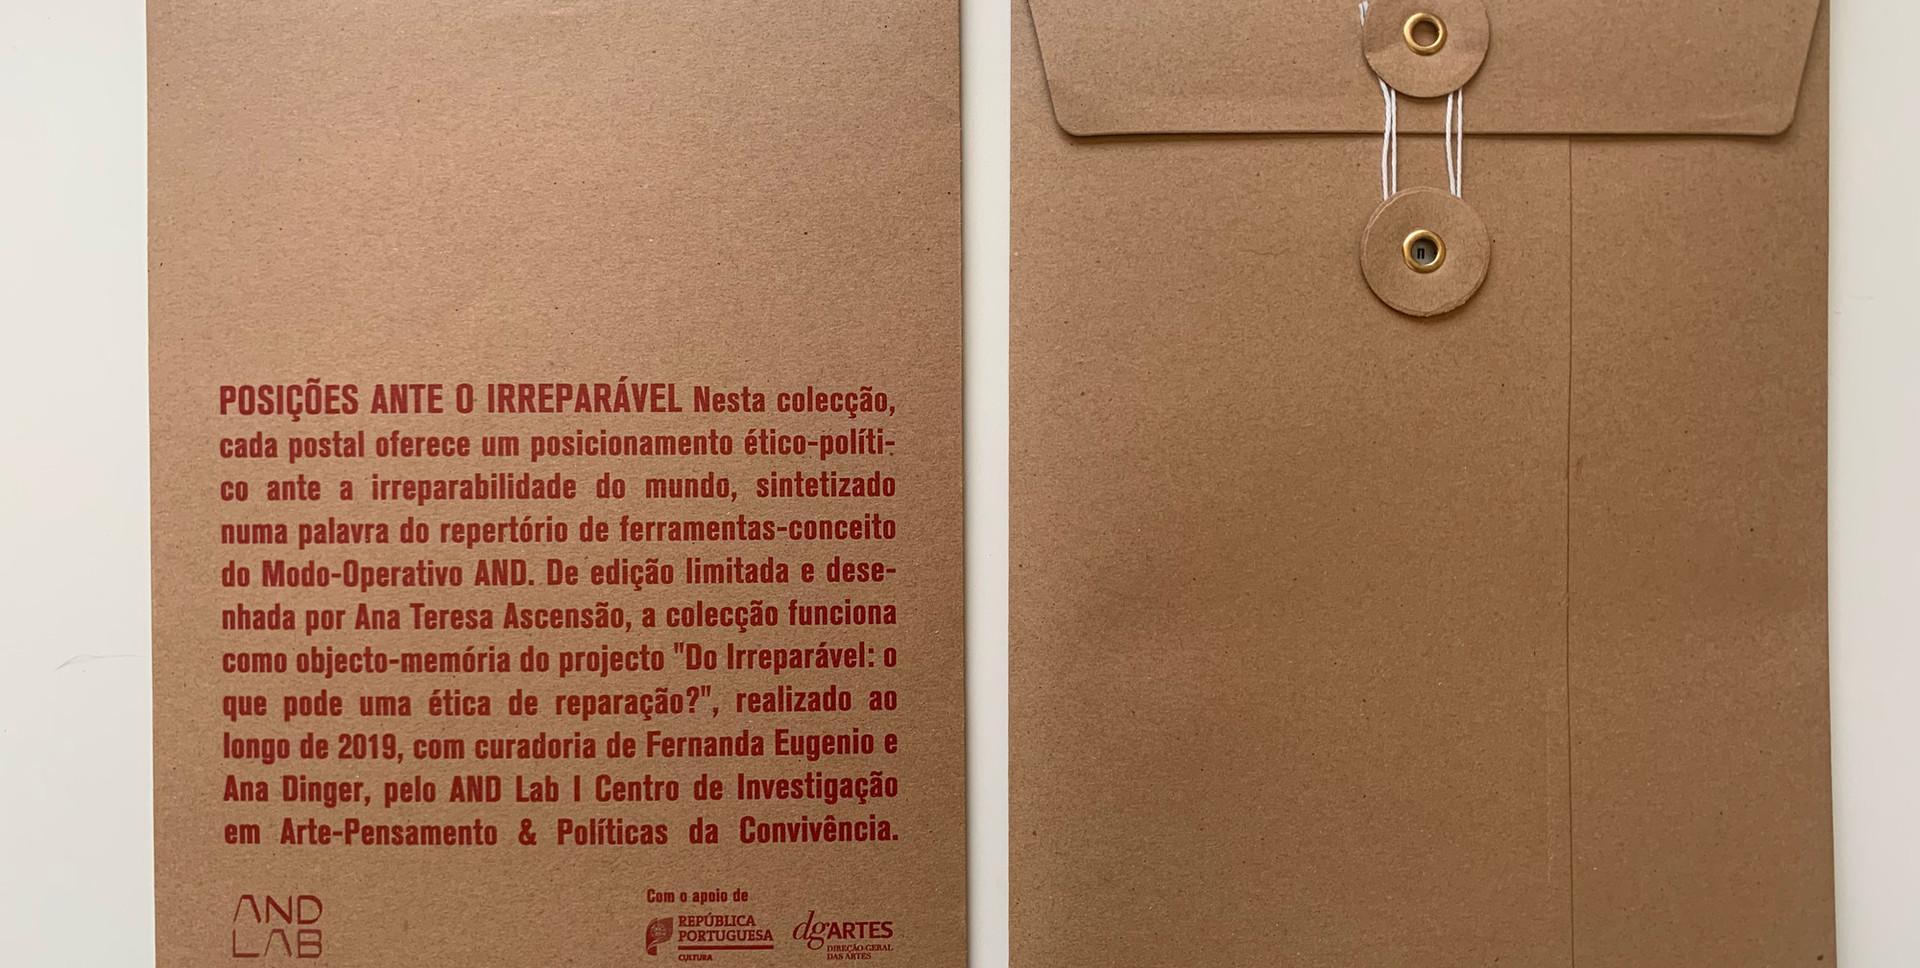 Colecção de Postais 'Do Irreparável' | Envelope de apresentação